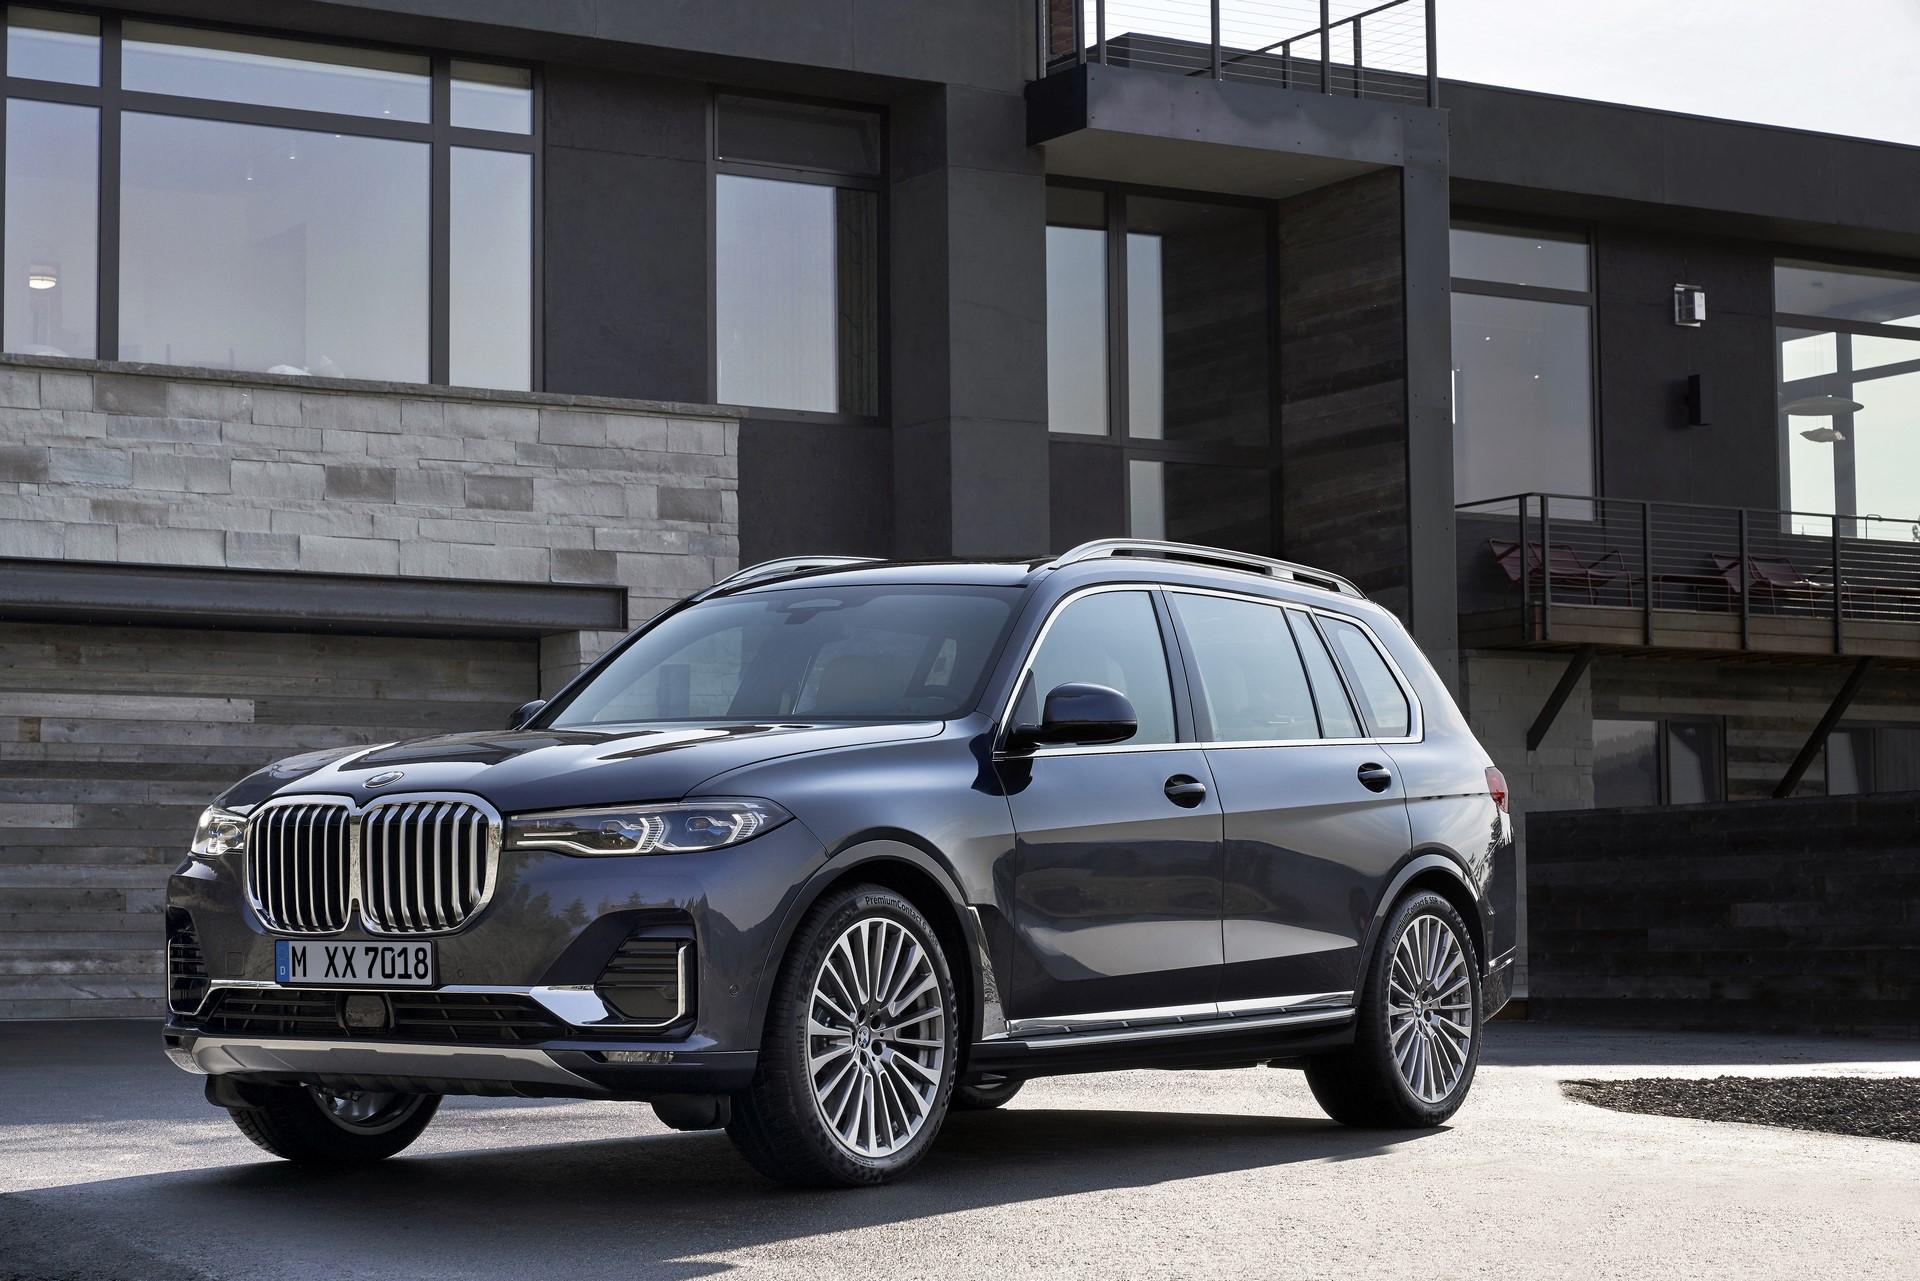 BMW X7 2019 (9)